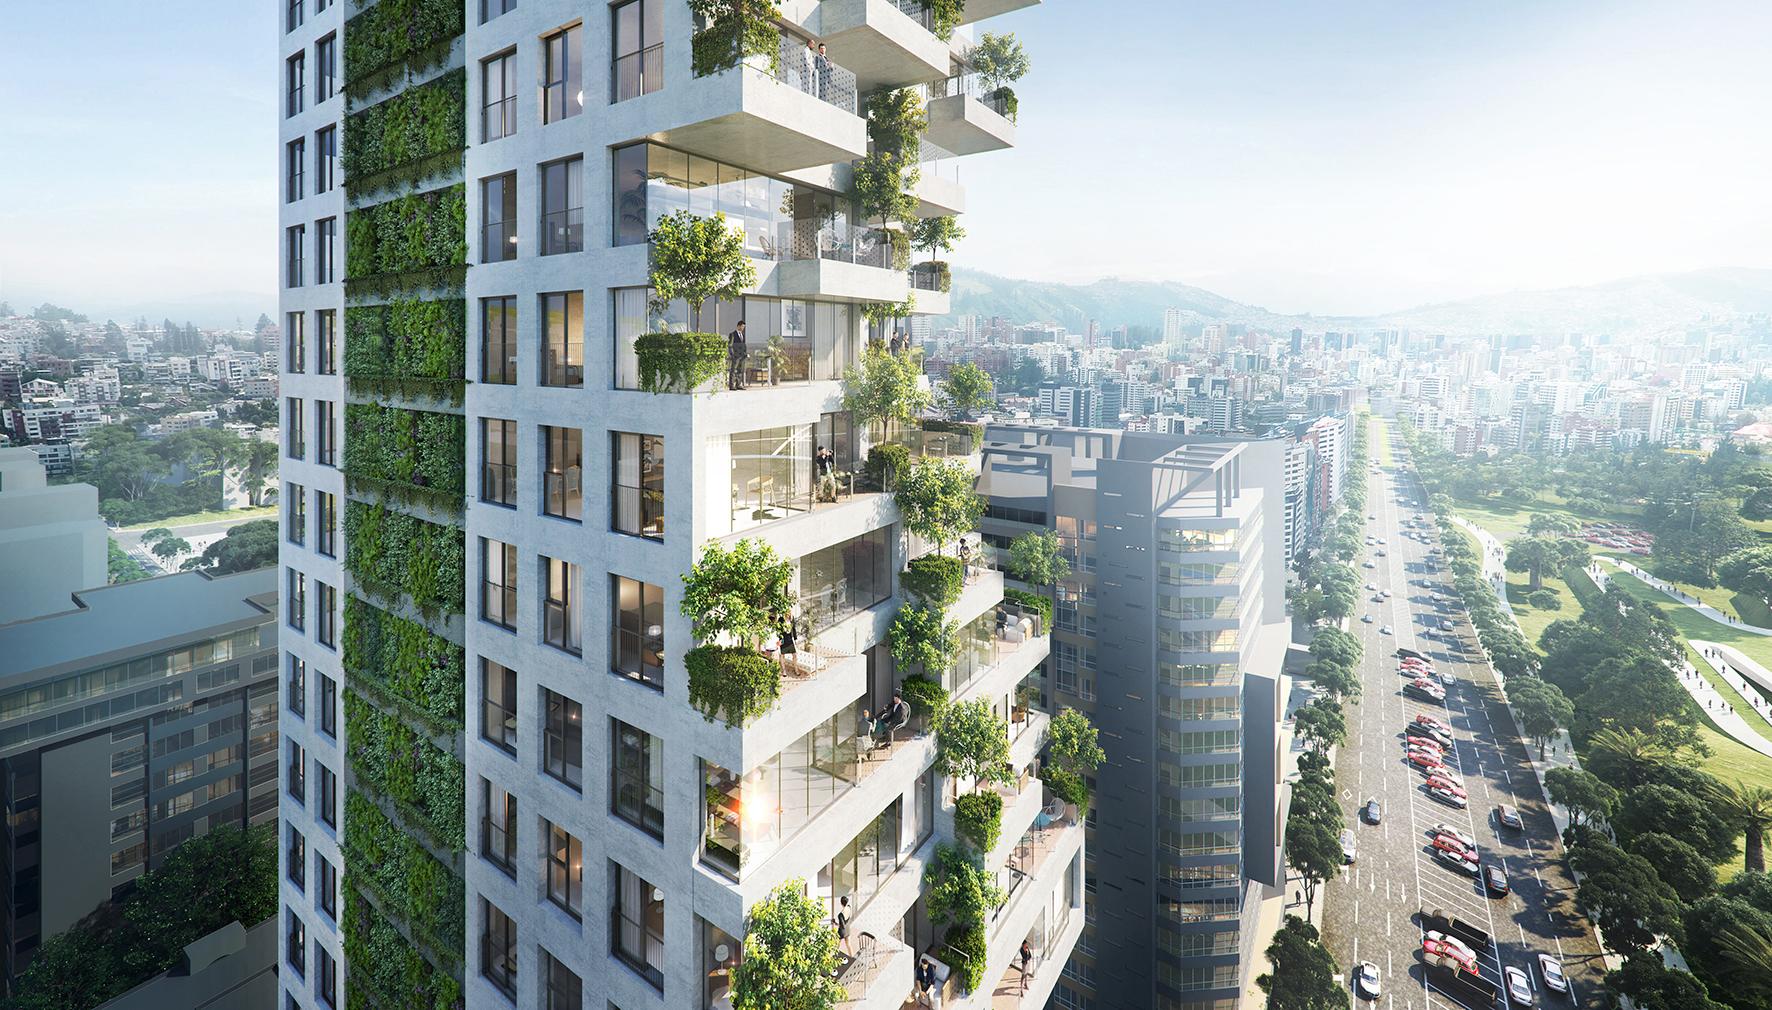 qorner - bosques verticales